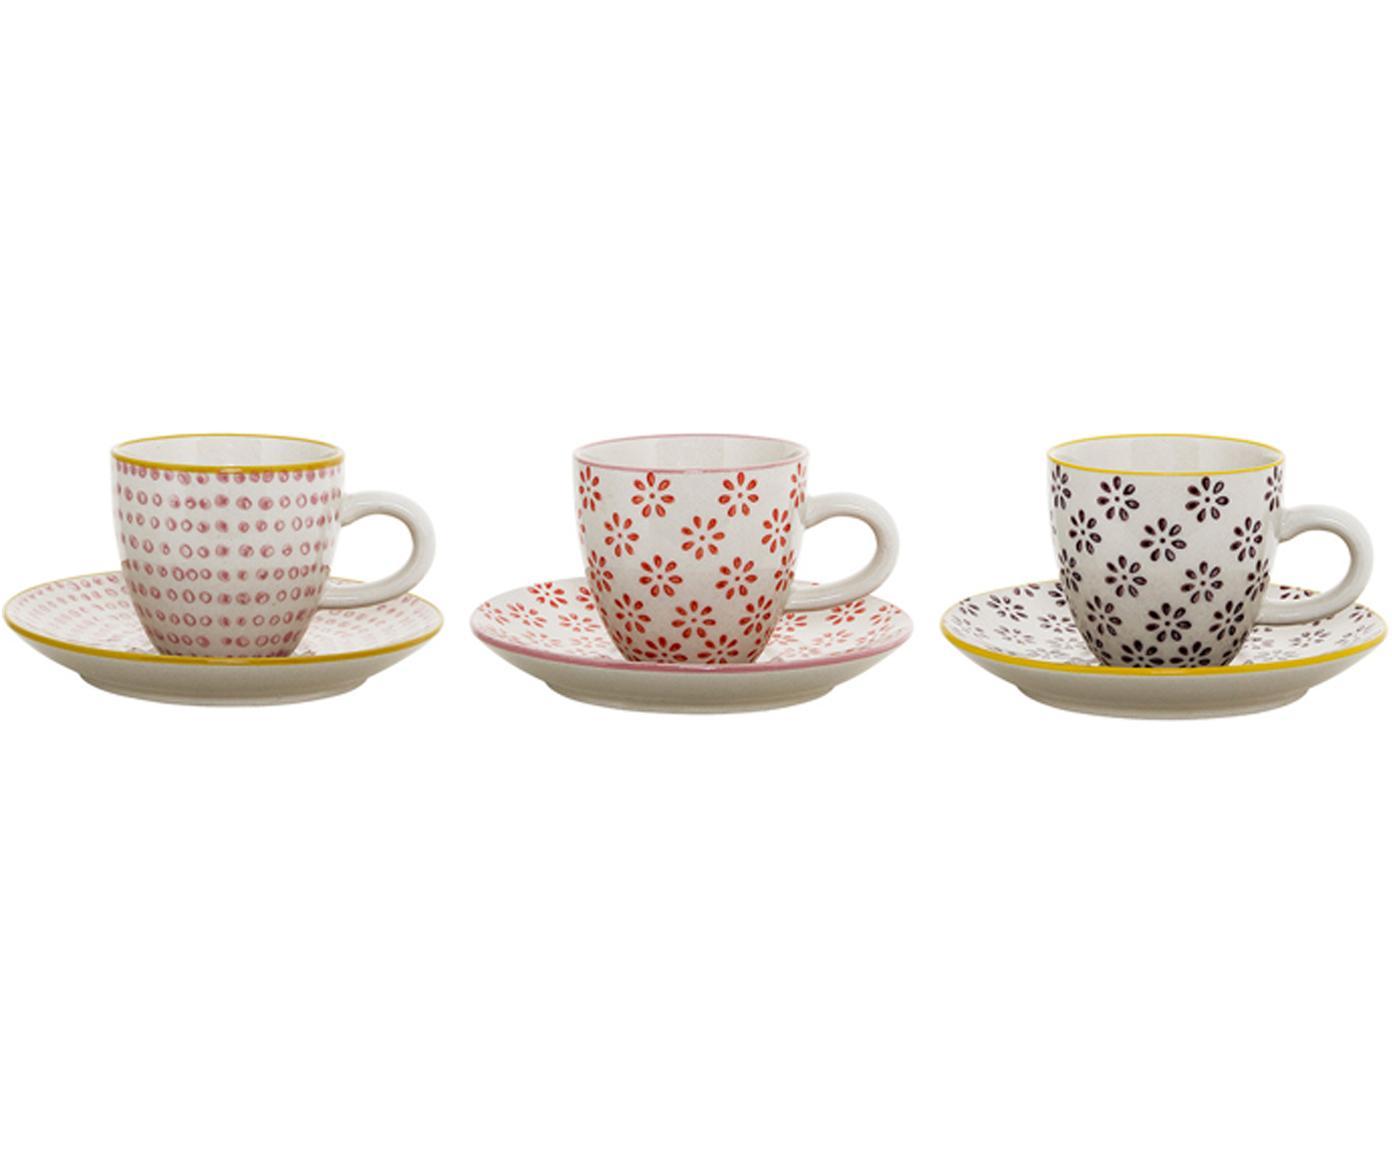 Espressokopjes set Line, 6-delig., Keramiek, Wit, rood, roze, zwart, geel, Ø 6 x H 6 cm